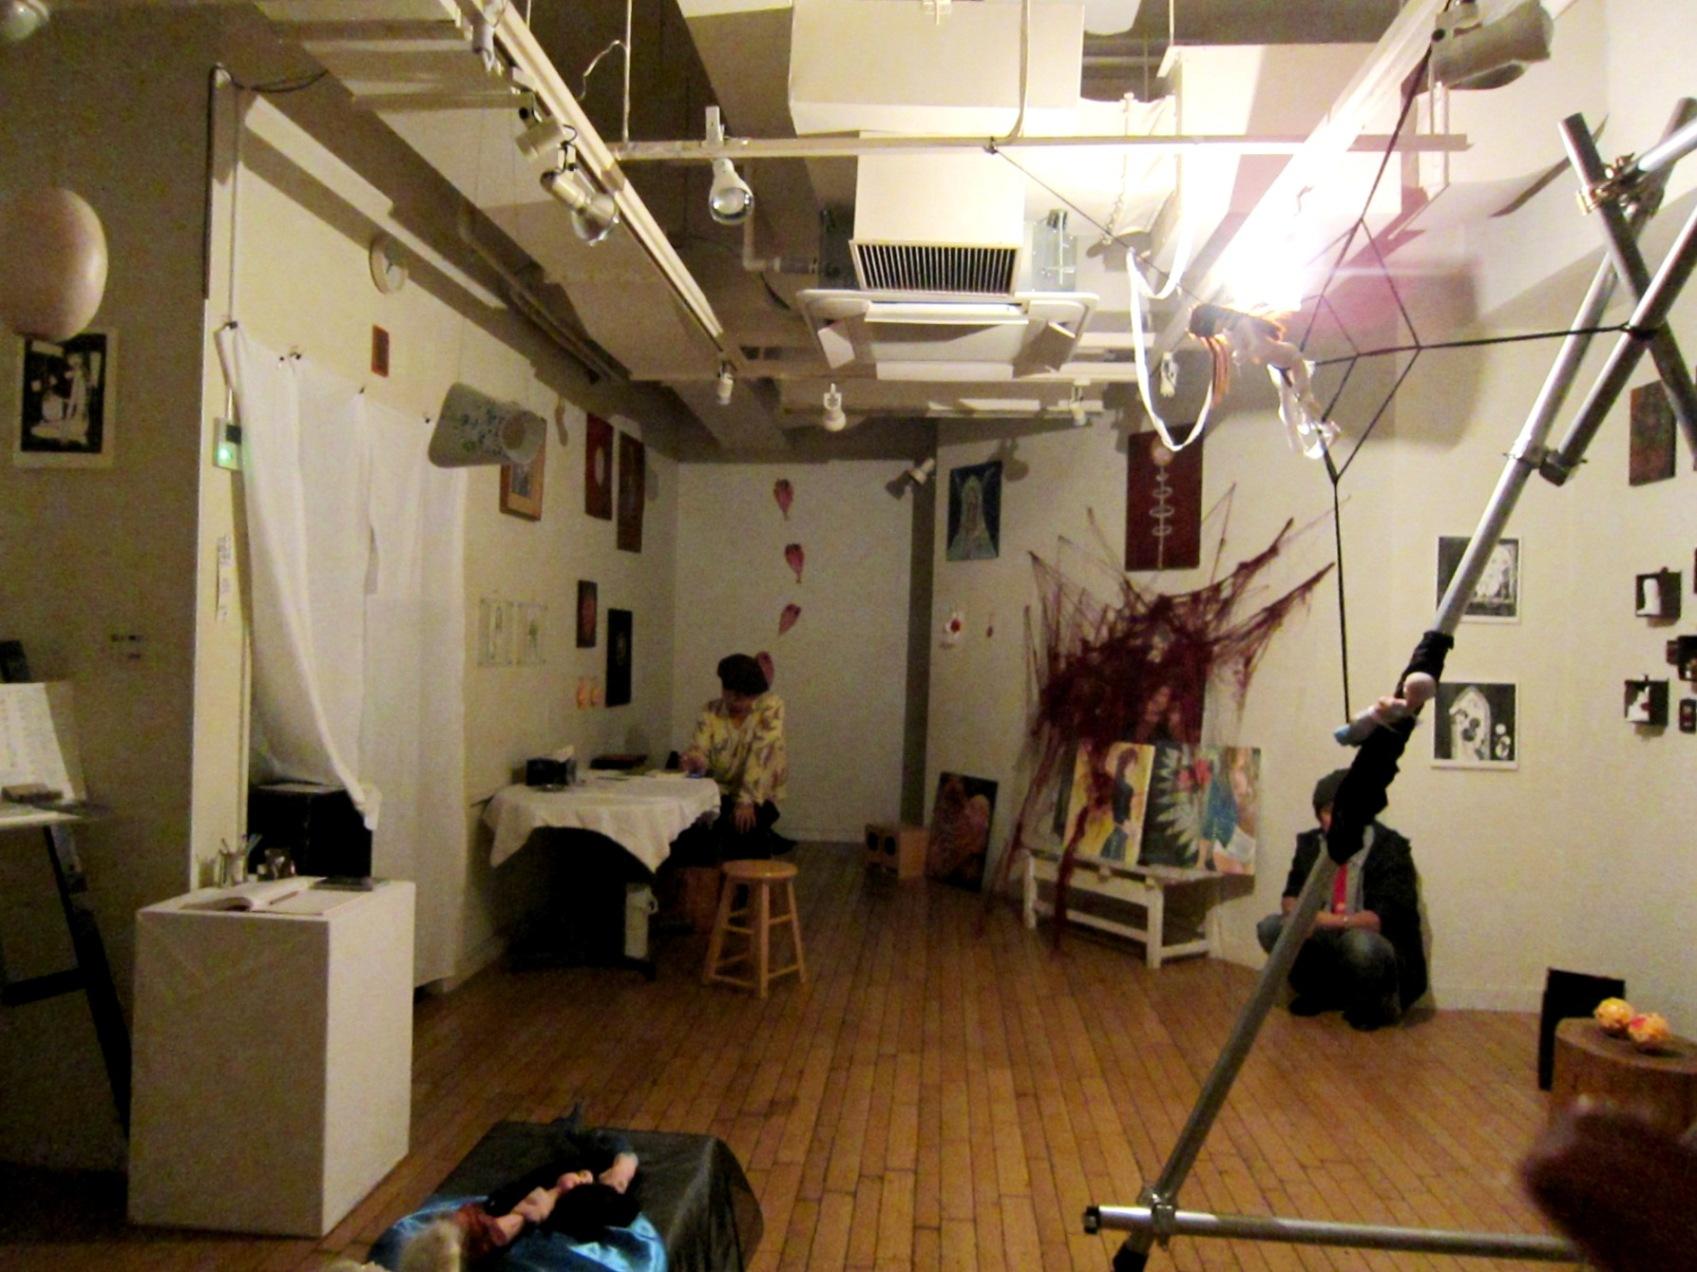 2211) 「札幌地下之会 展」 たぴお 9月16日(月)~9月21日(土)_f0126829_2052294.jpg